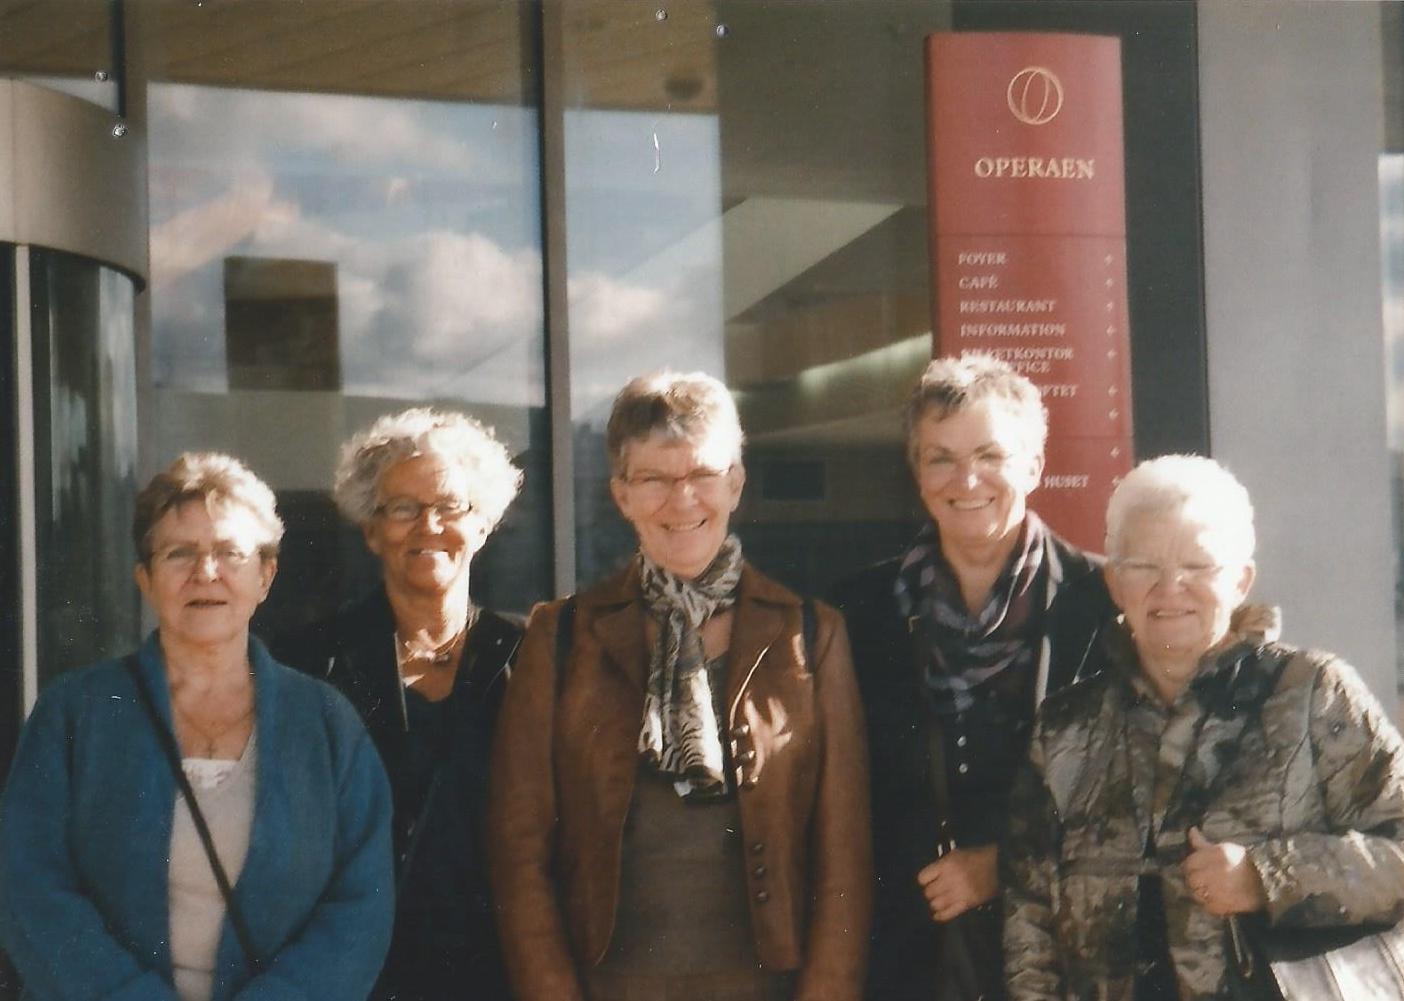 Fra venstre Birthe, Gitte, Rinda, Lillie, Lis foran Operaen 2007